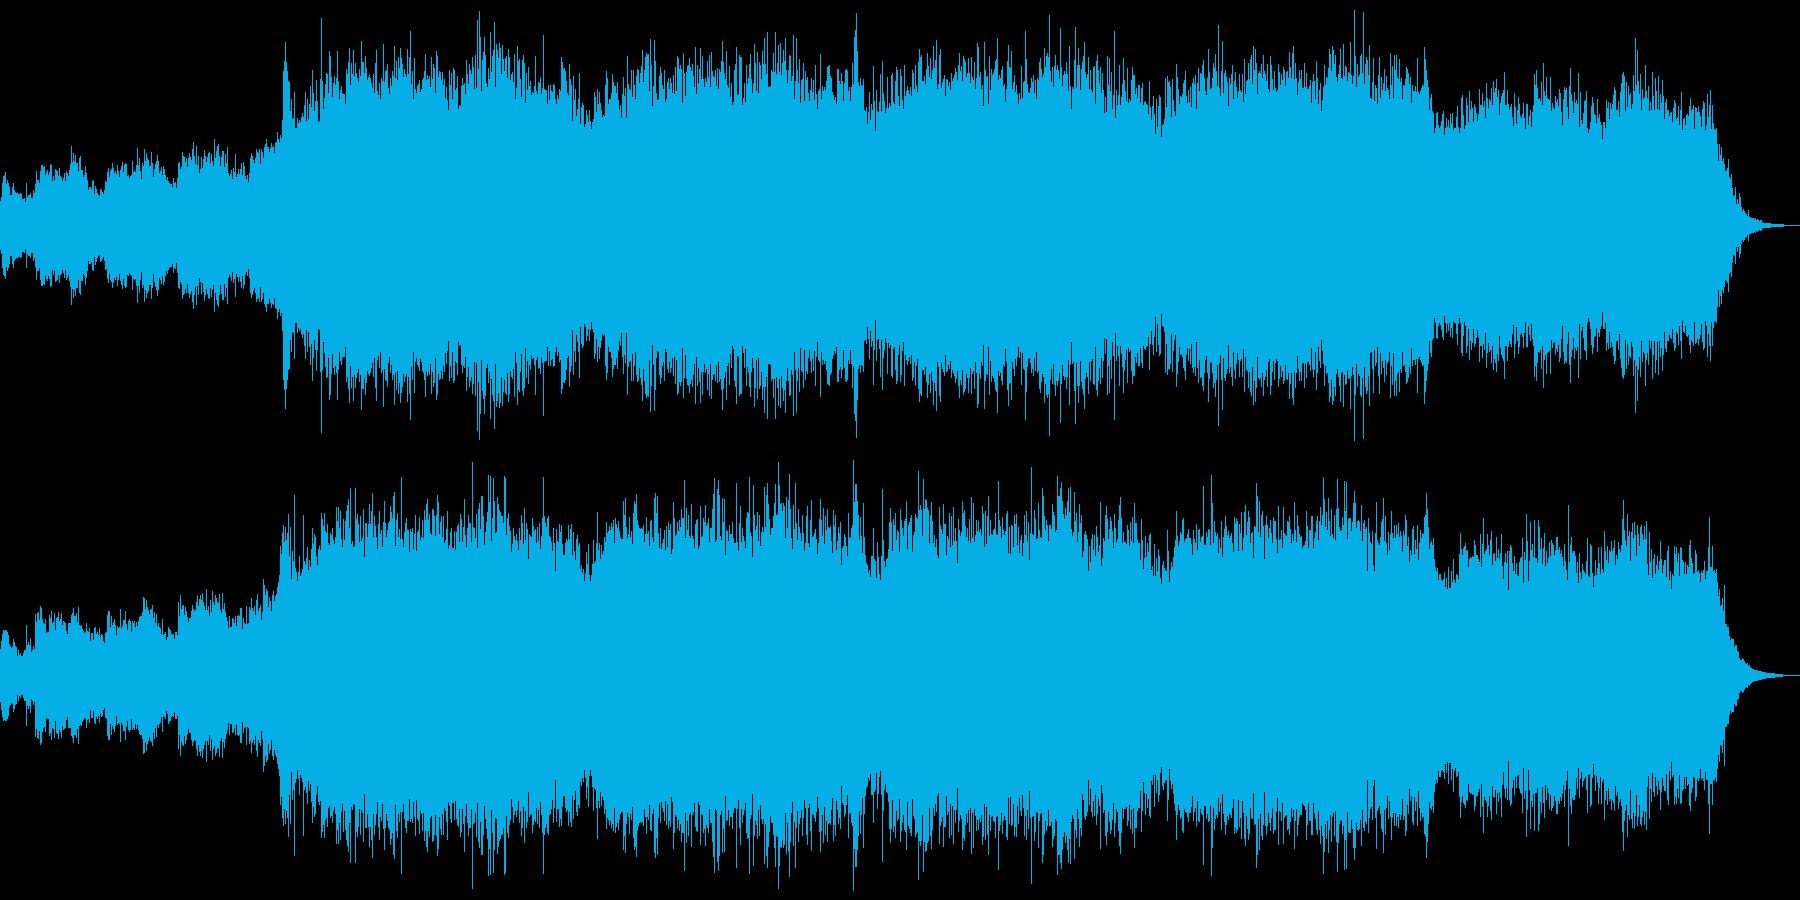 神秘的アンビエント、テクスチャーの再生済みの波形